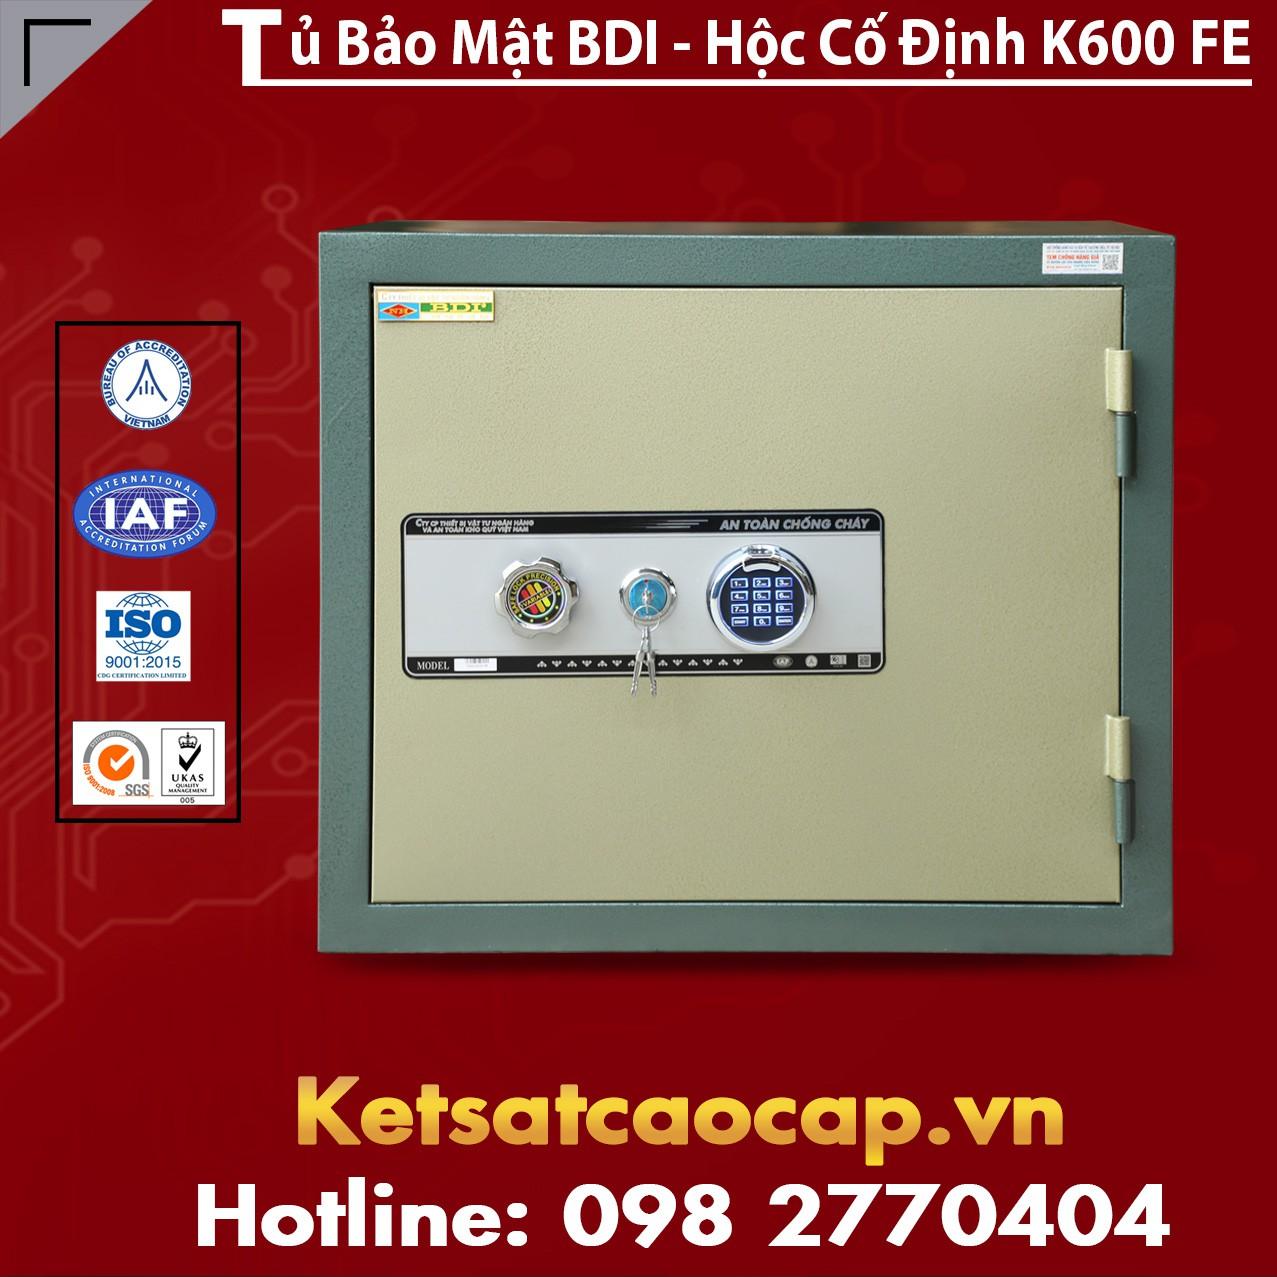 Tủ Bảo Mật BDI - Hộc Cố Định K600 - FE